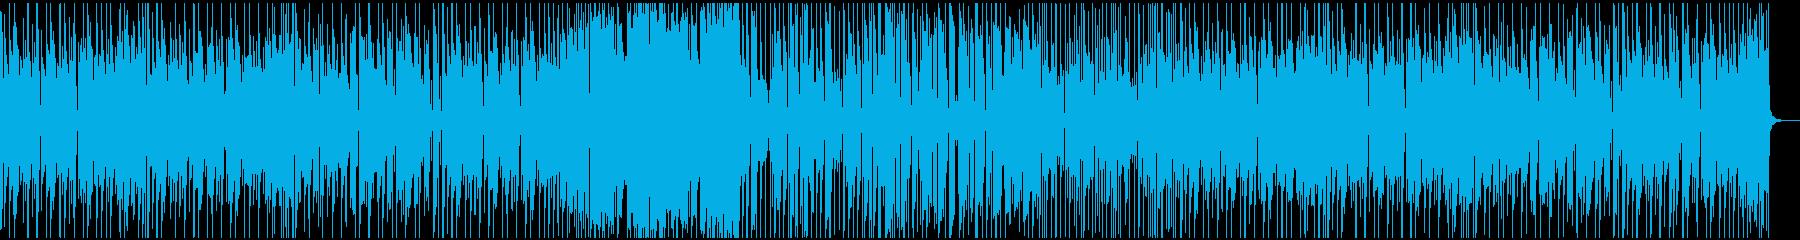 ファンキーなインストの再生済みの波形